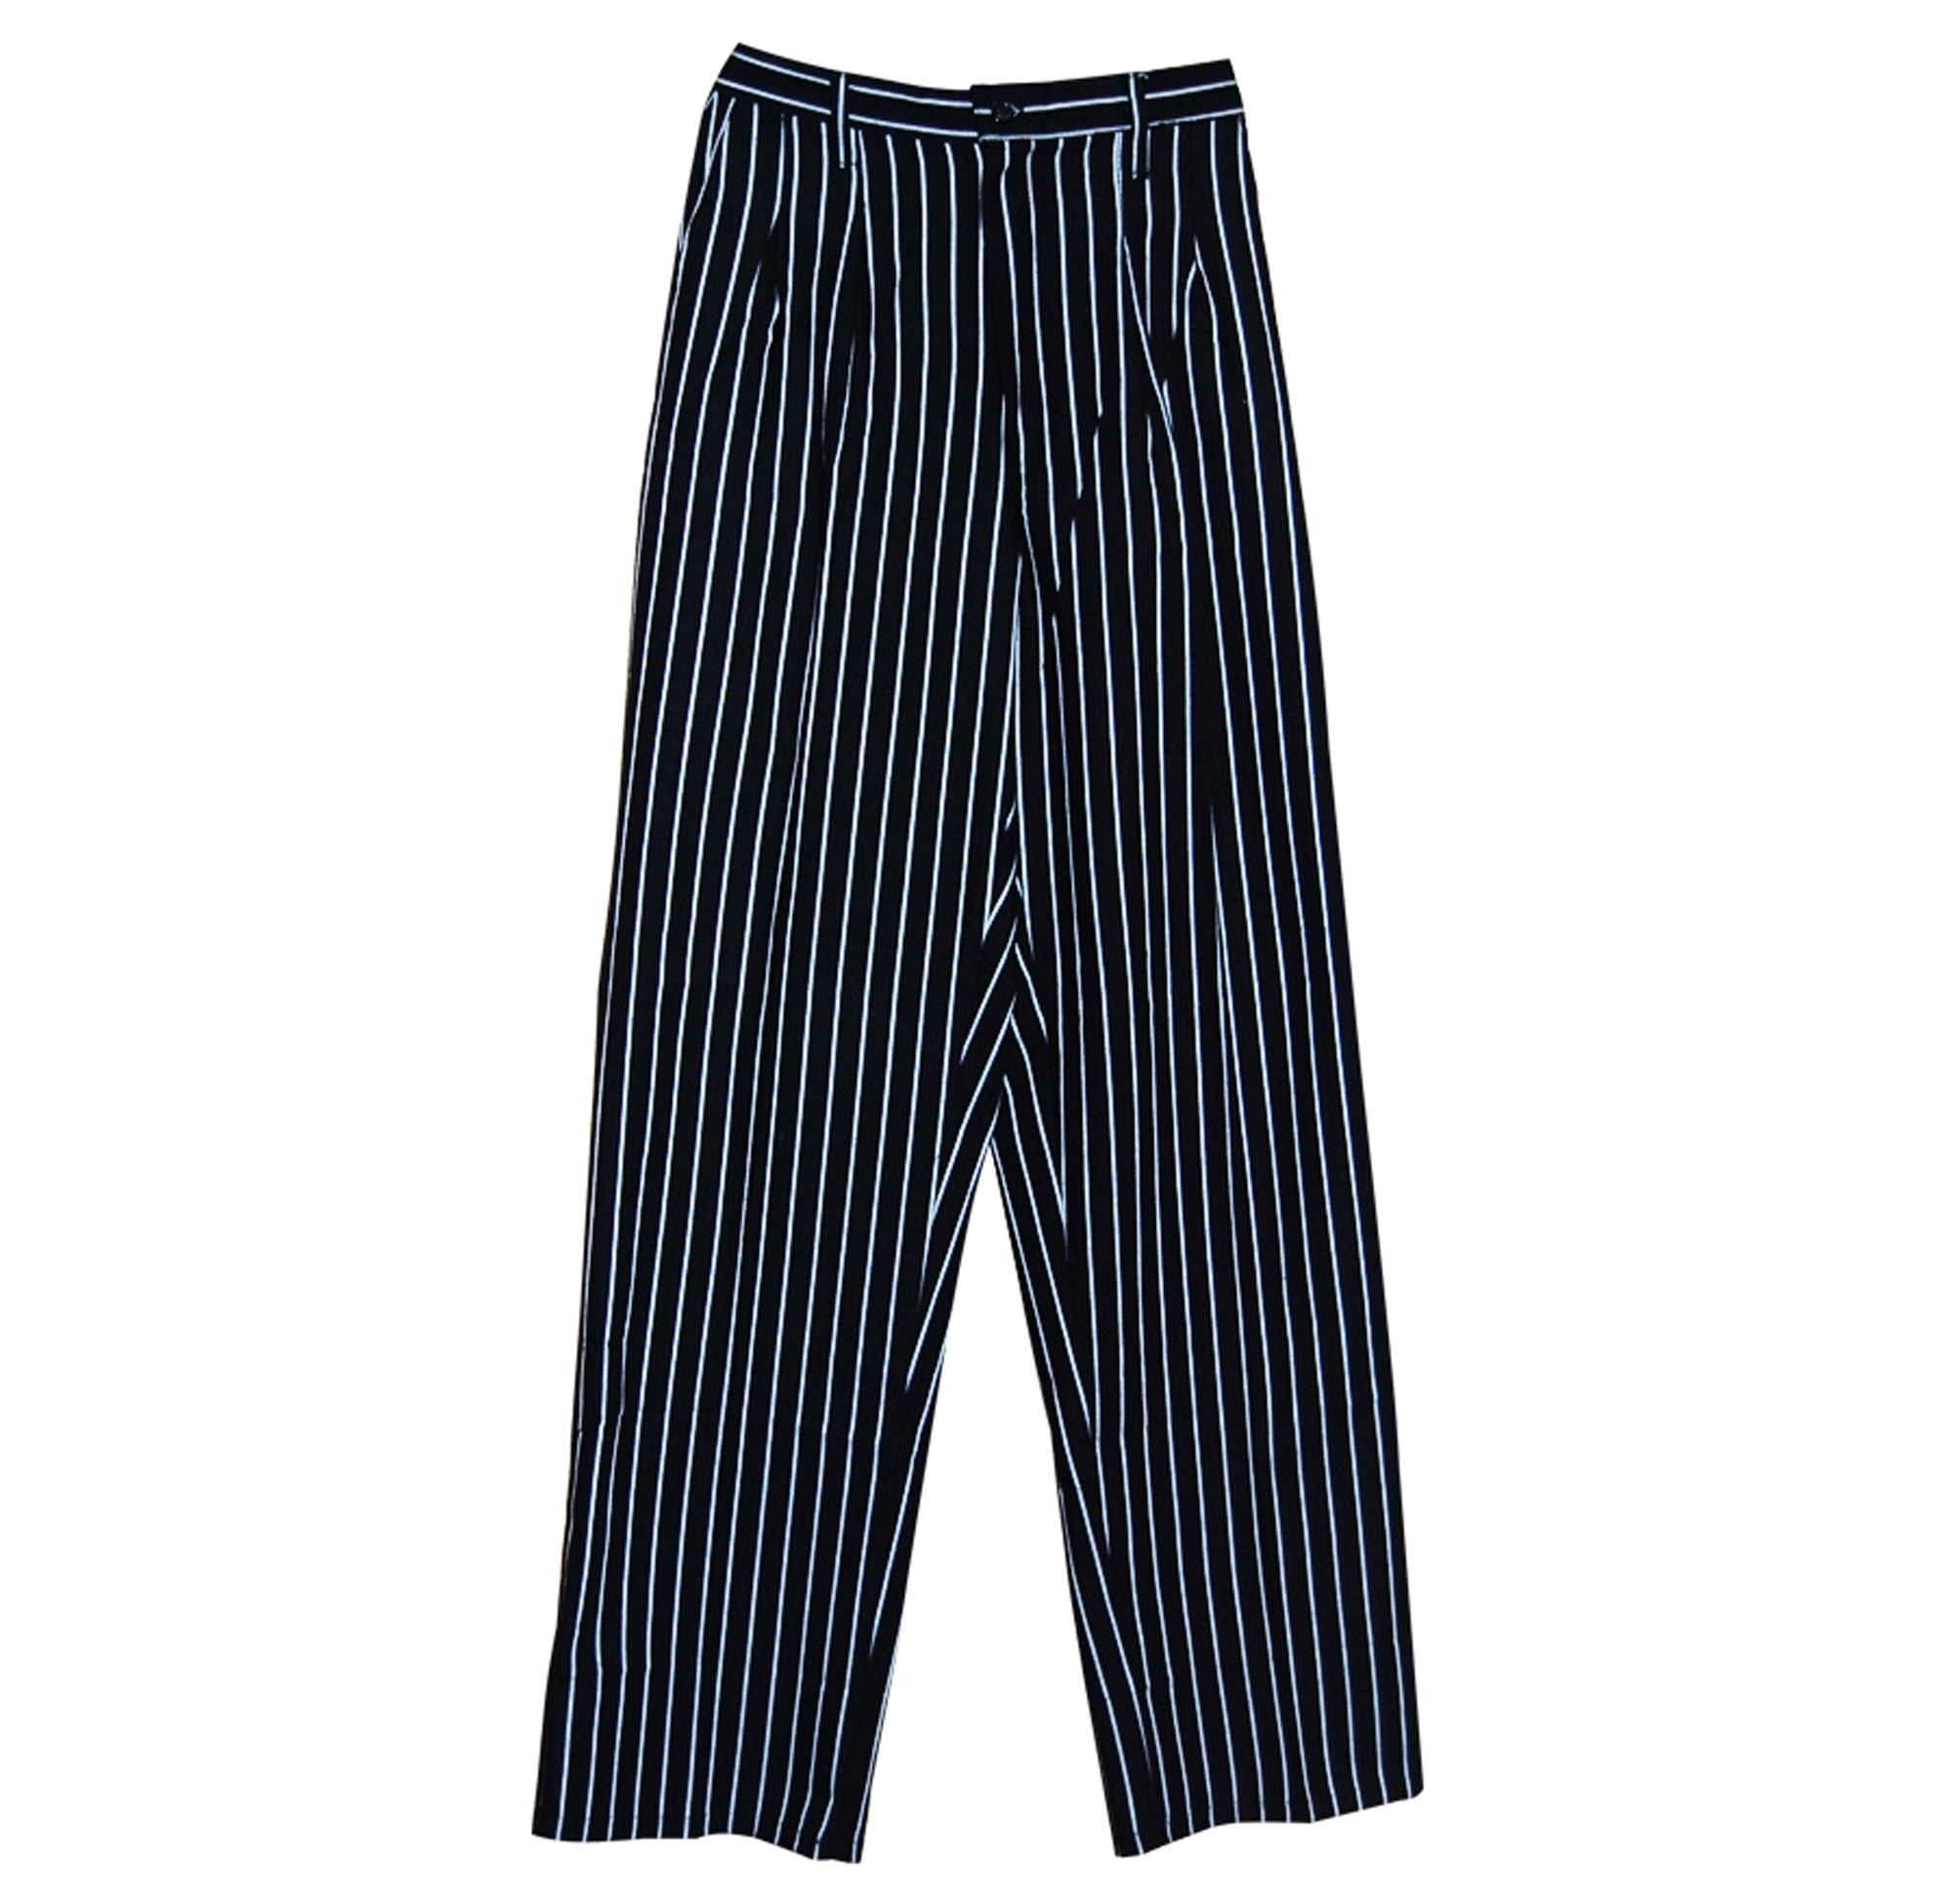 Pantalón Unisex Negro con